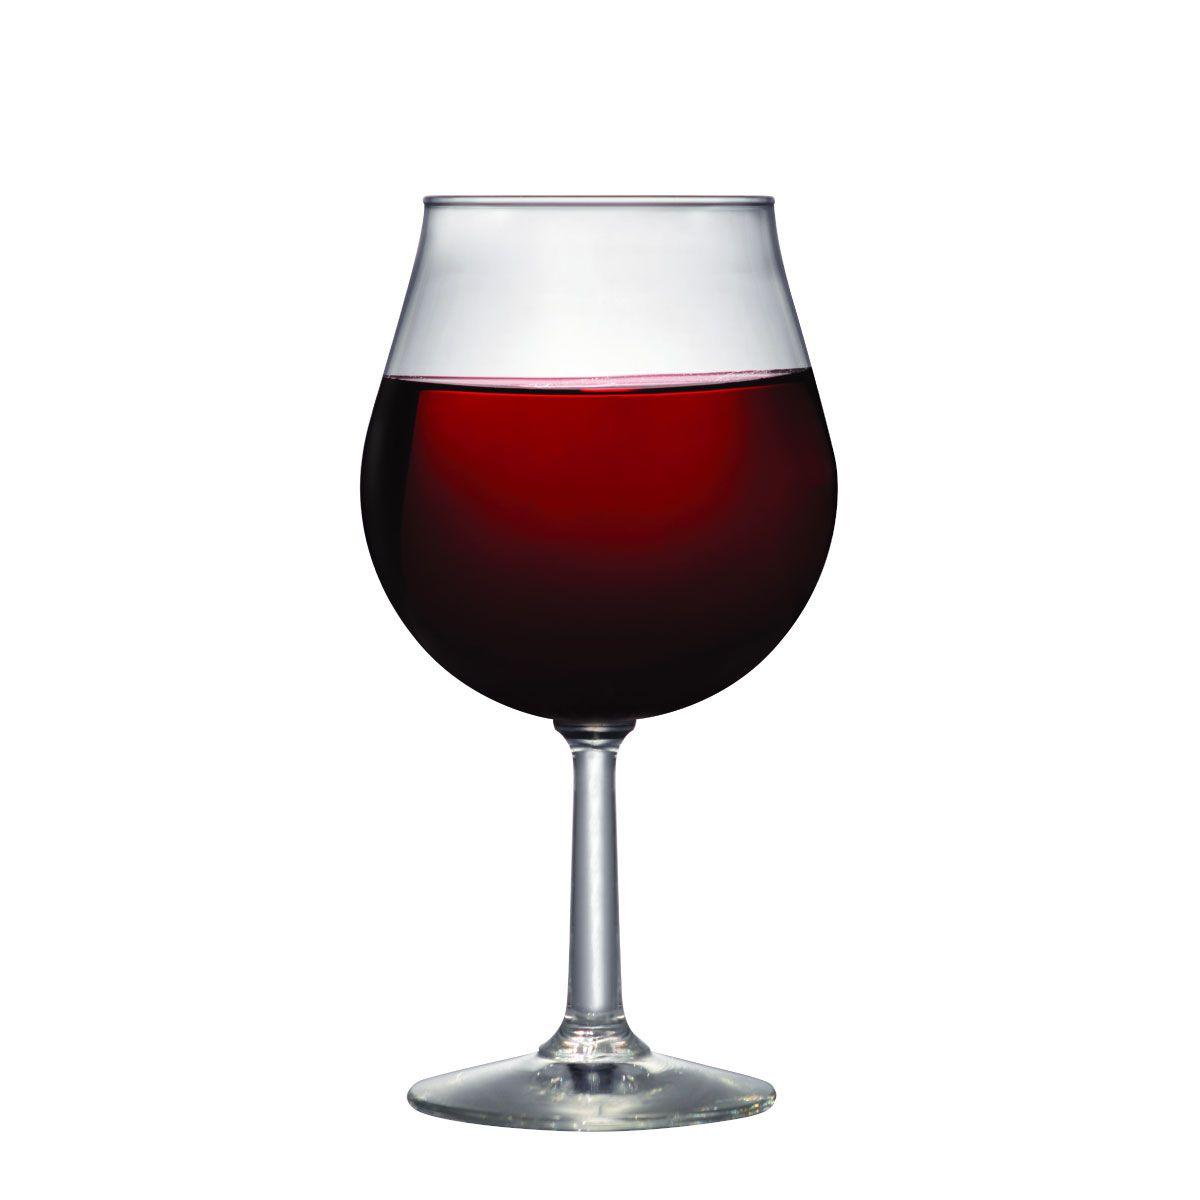 Taça de Vinho Antuerpia 505ml Vidro